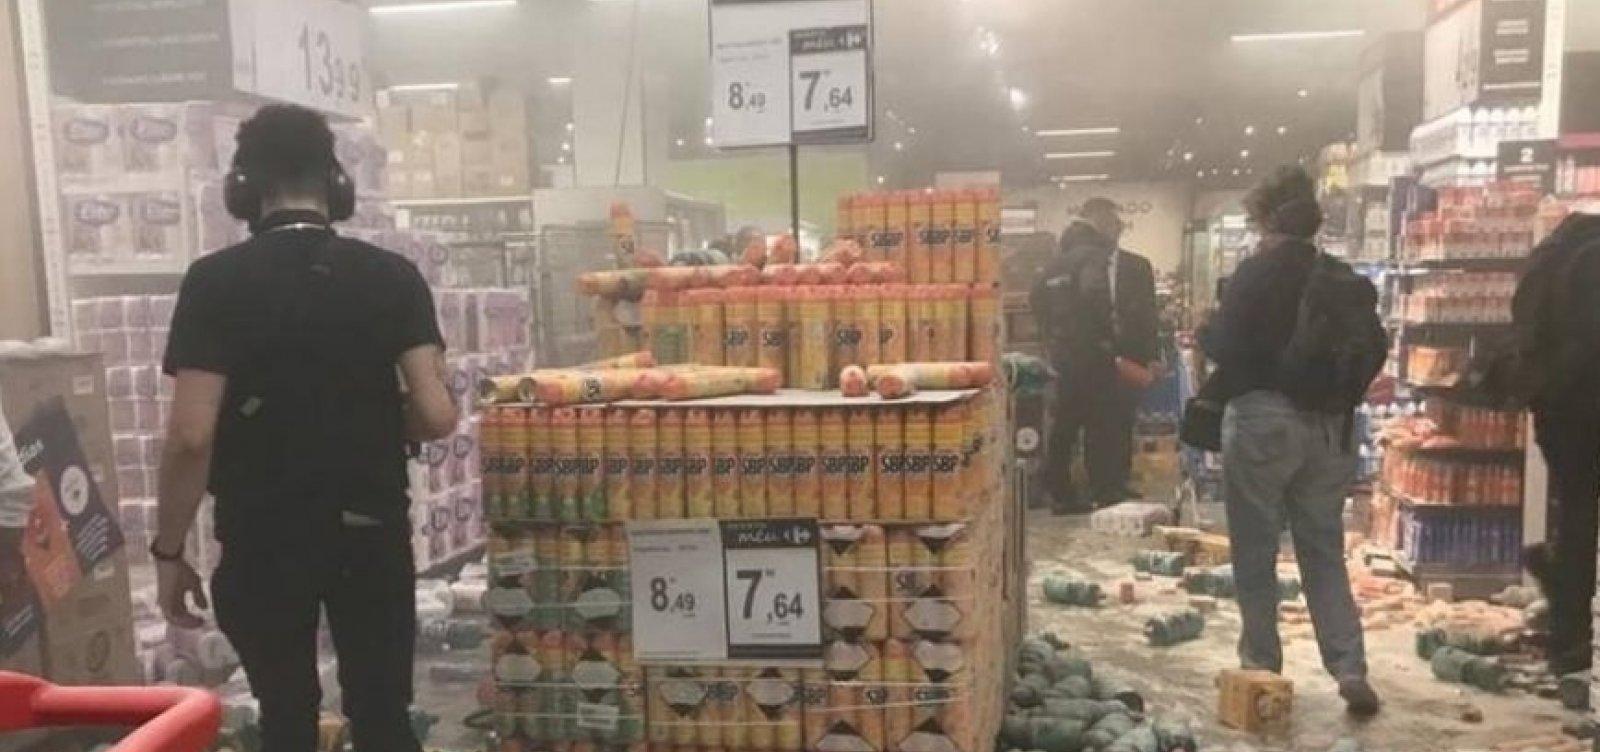 Loja do Carrefour em São Paulo é destruída durante protesto antirracista